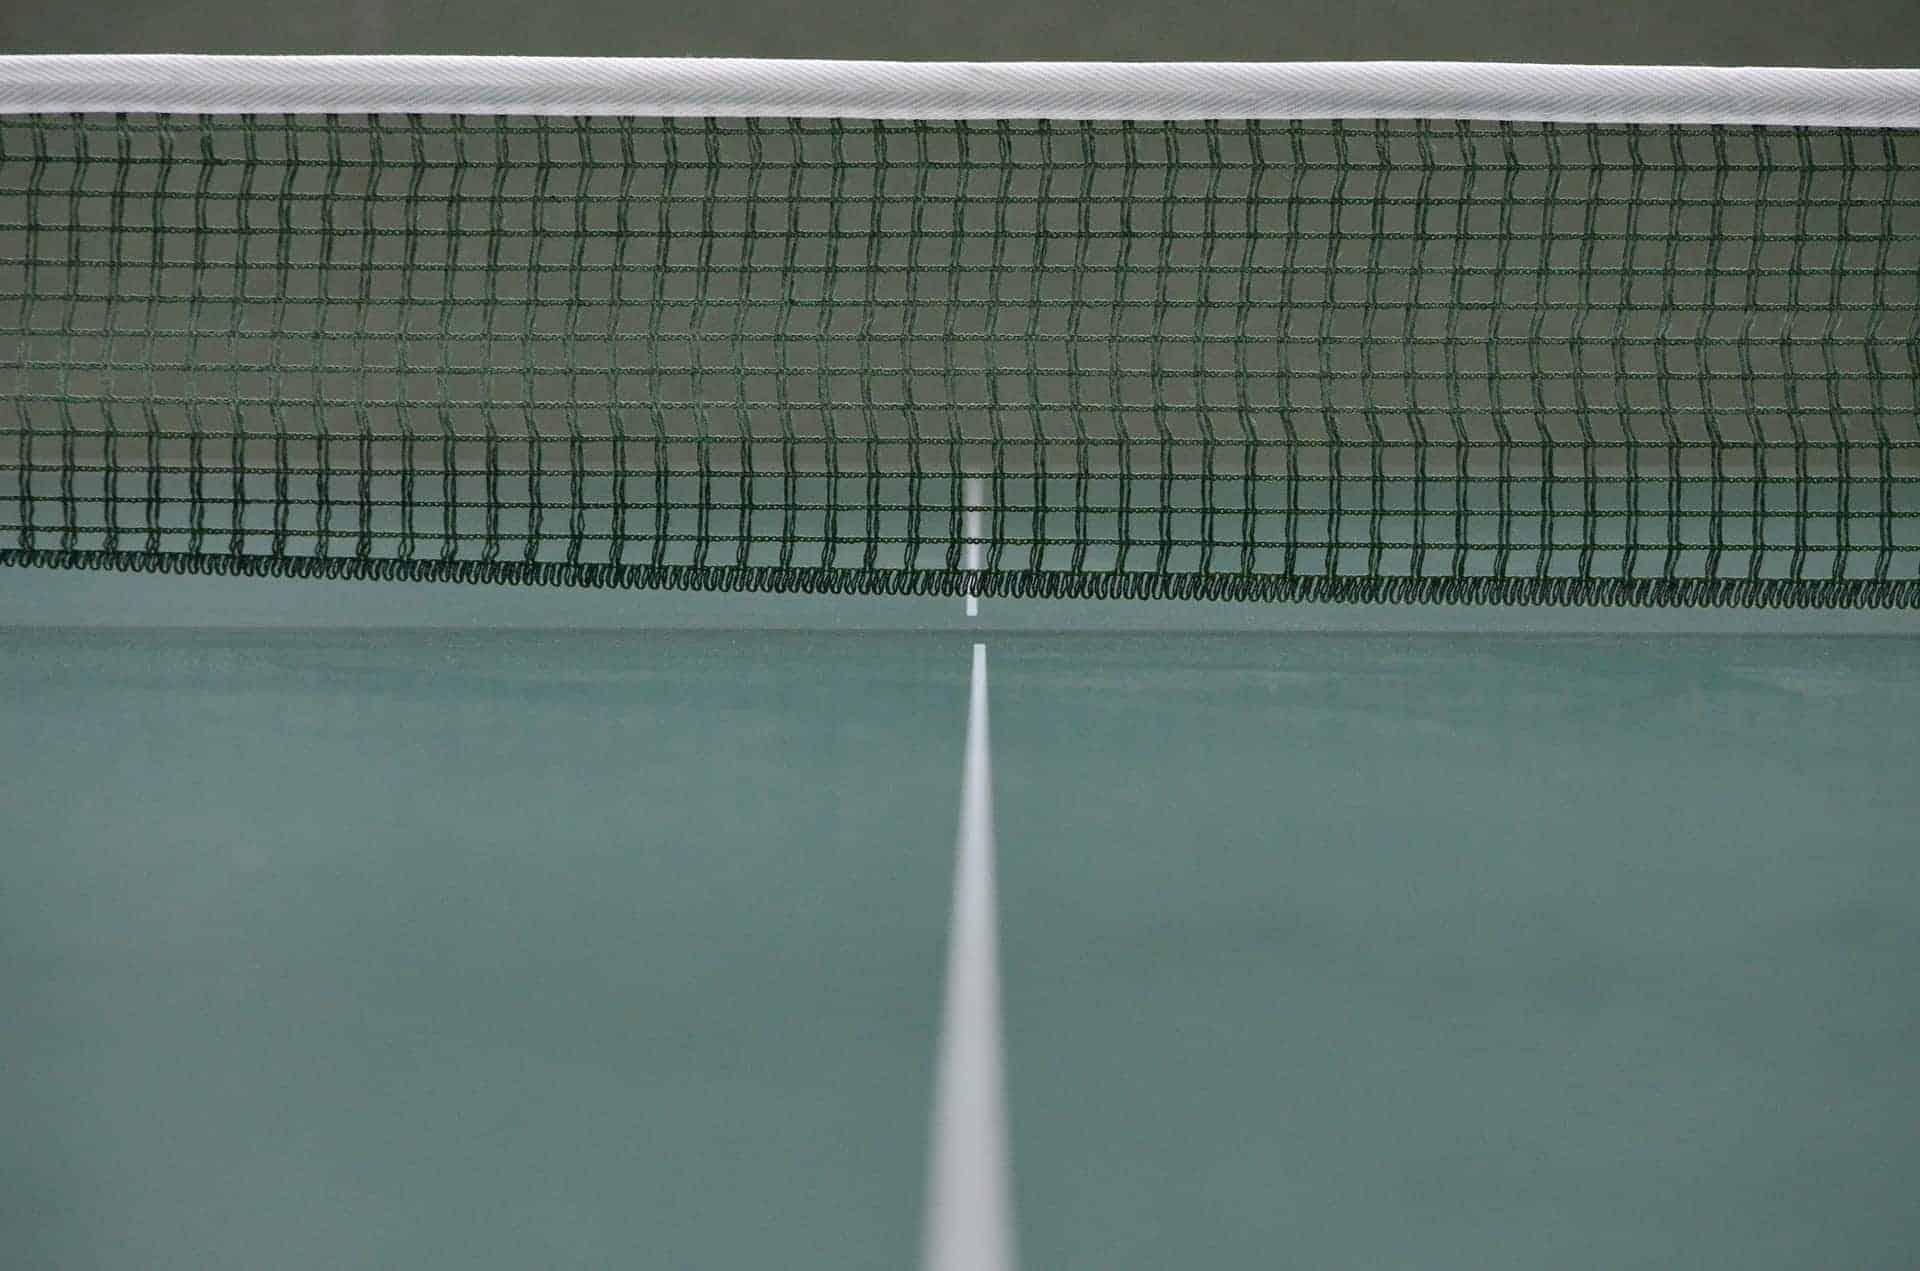 Tischtennisplatte: Test & Empfehlungen (04/20)